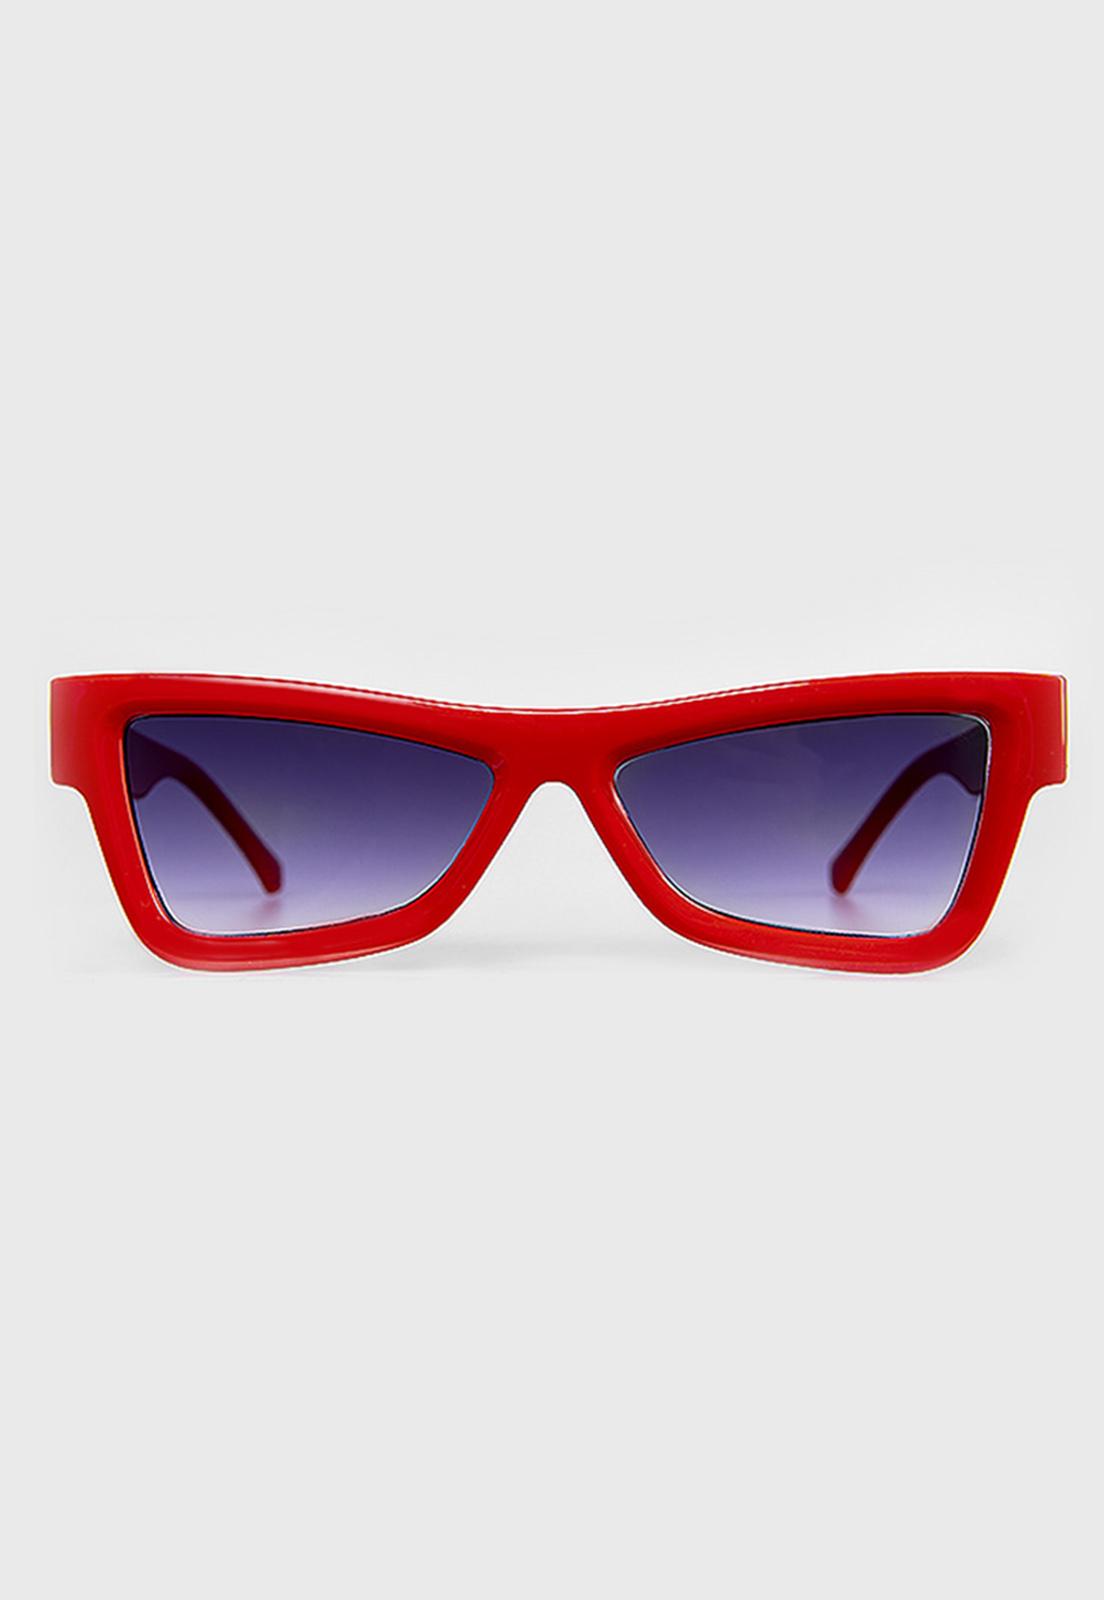 Óculos de sol Vermelho Prison Cali Degrade